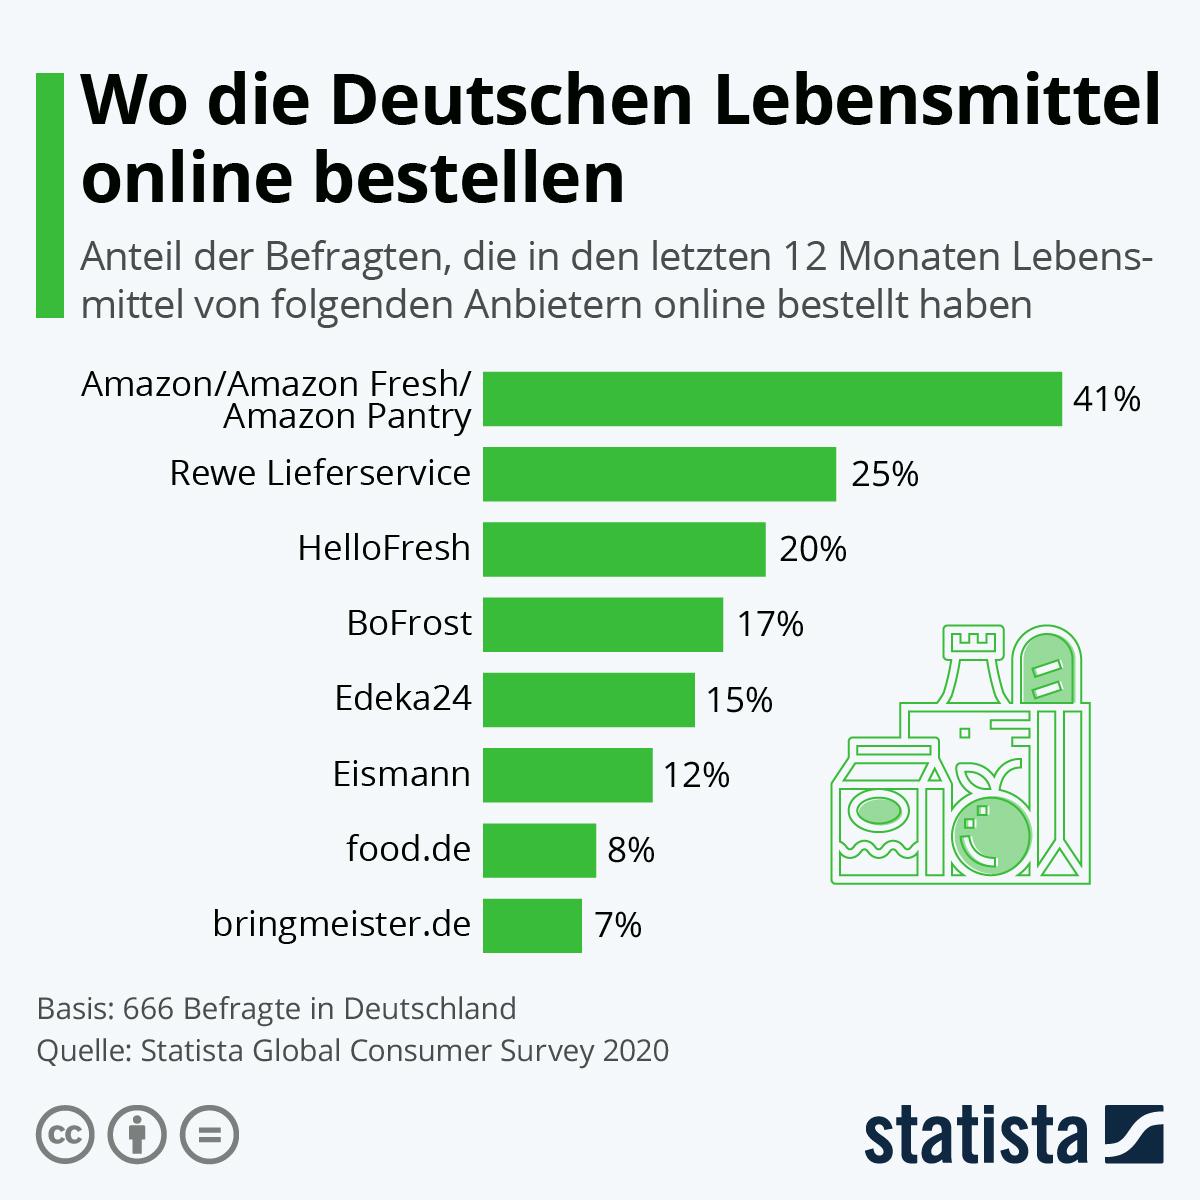 Infografik: Wo die Deutschen Lebensmittel online bestellen | Statista